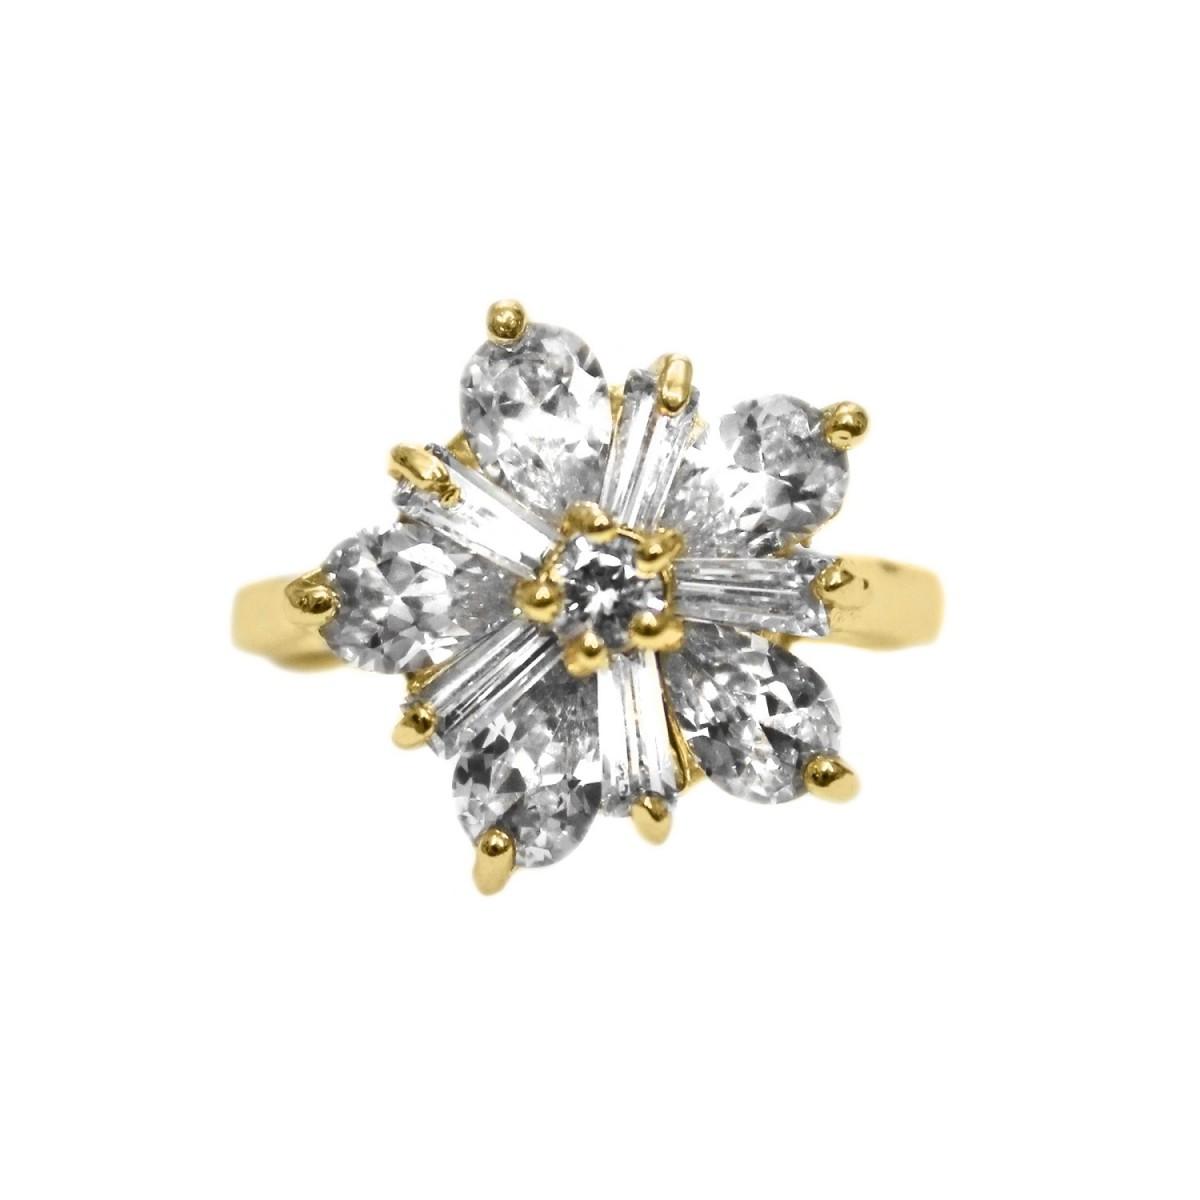 Anel de Zircônia em Formato de Estrela Folheado a Ouro 18k